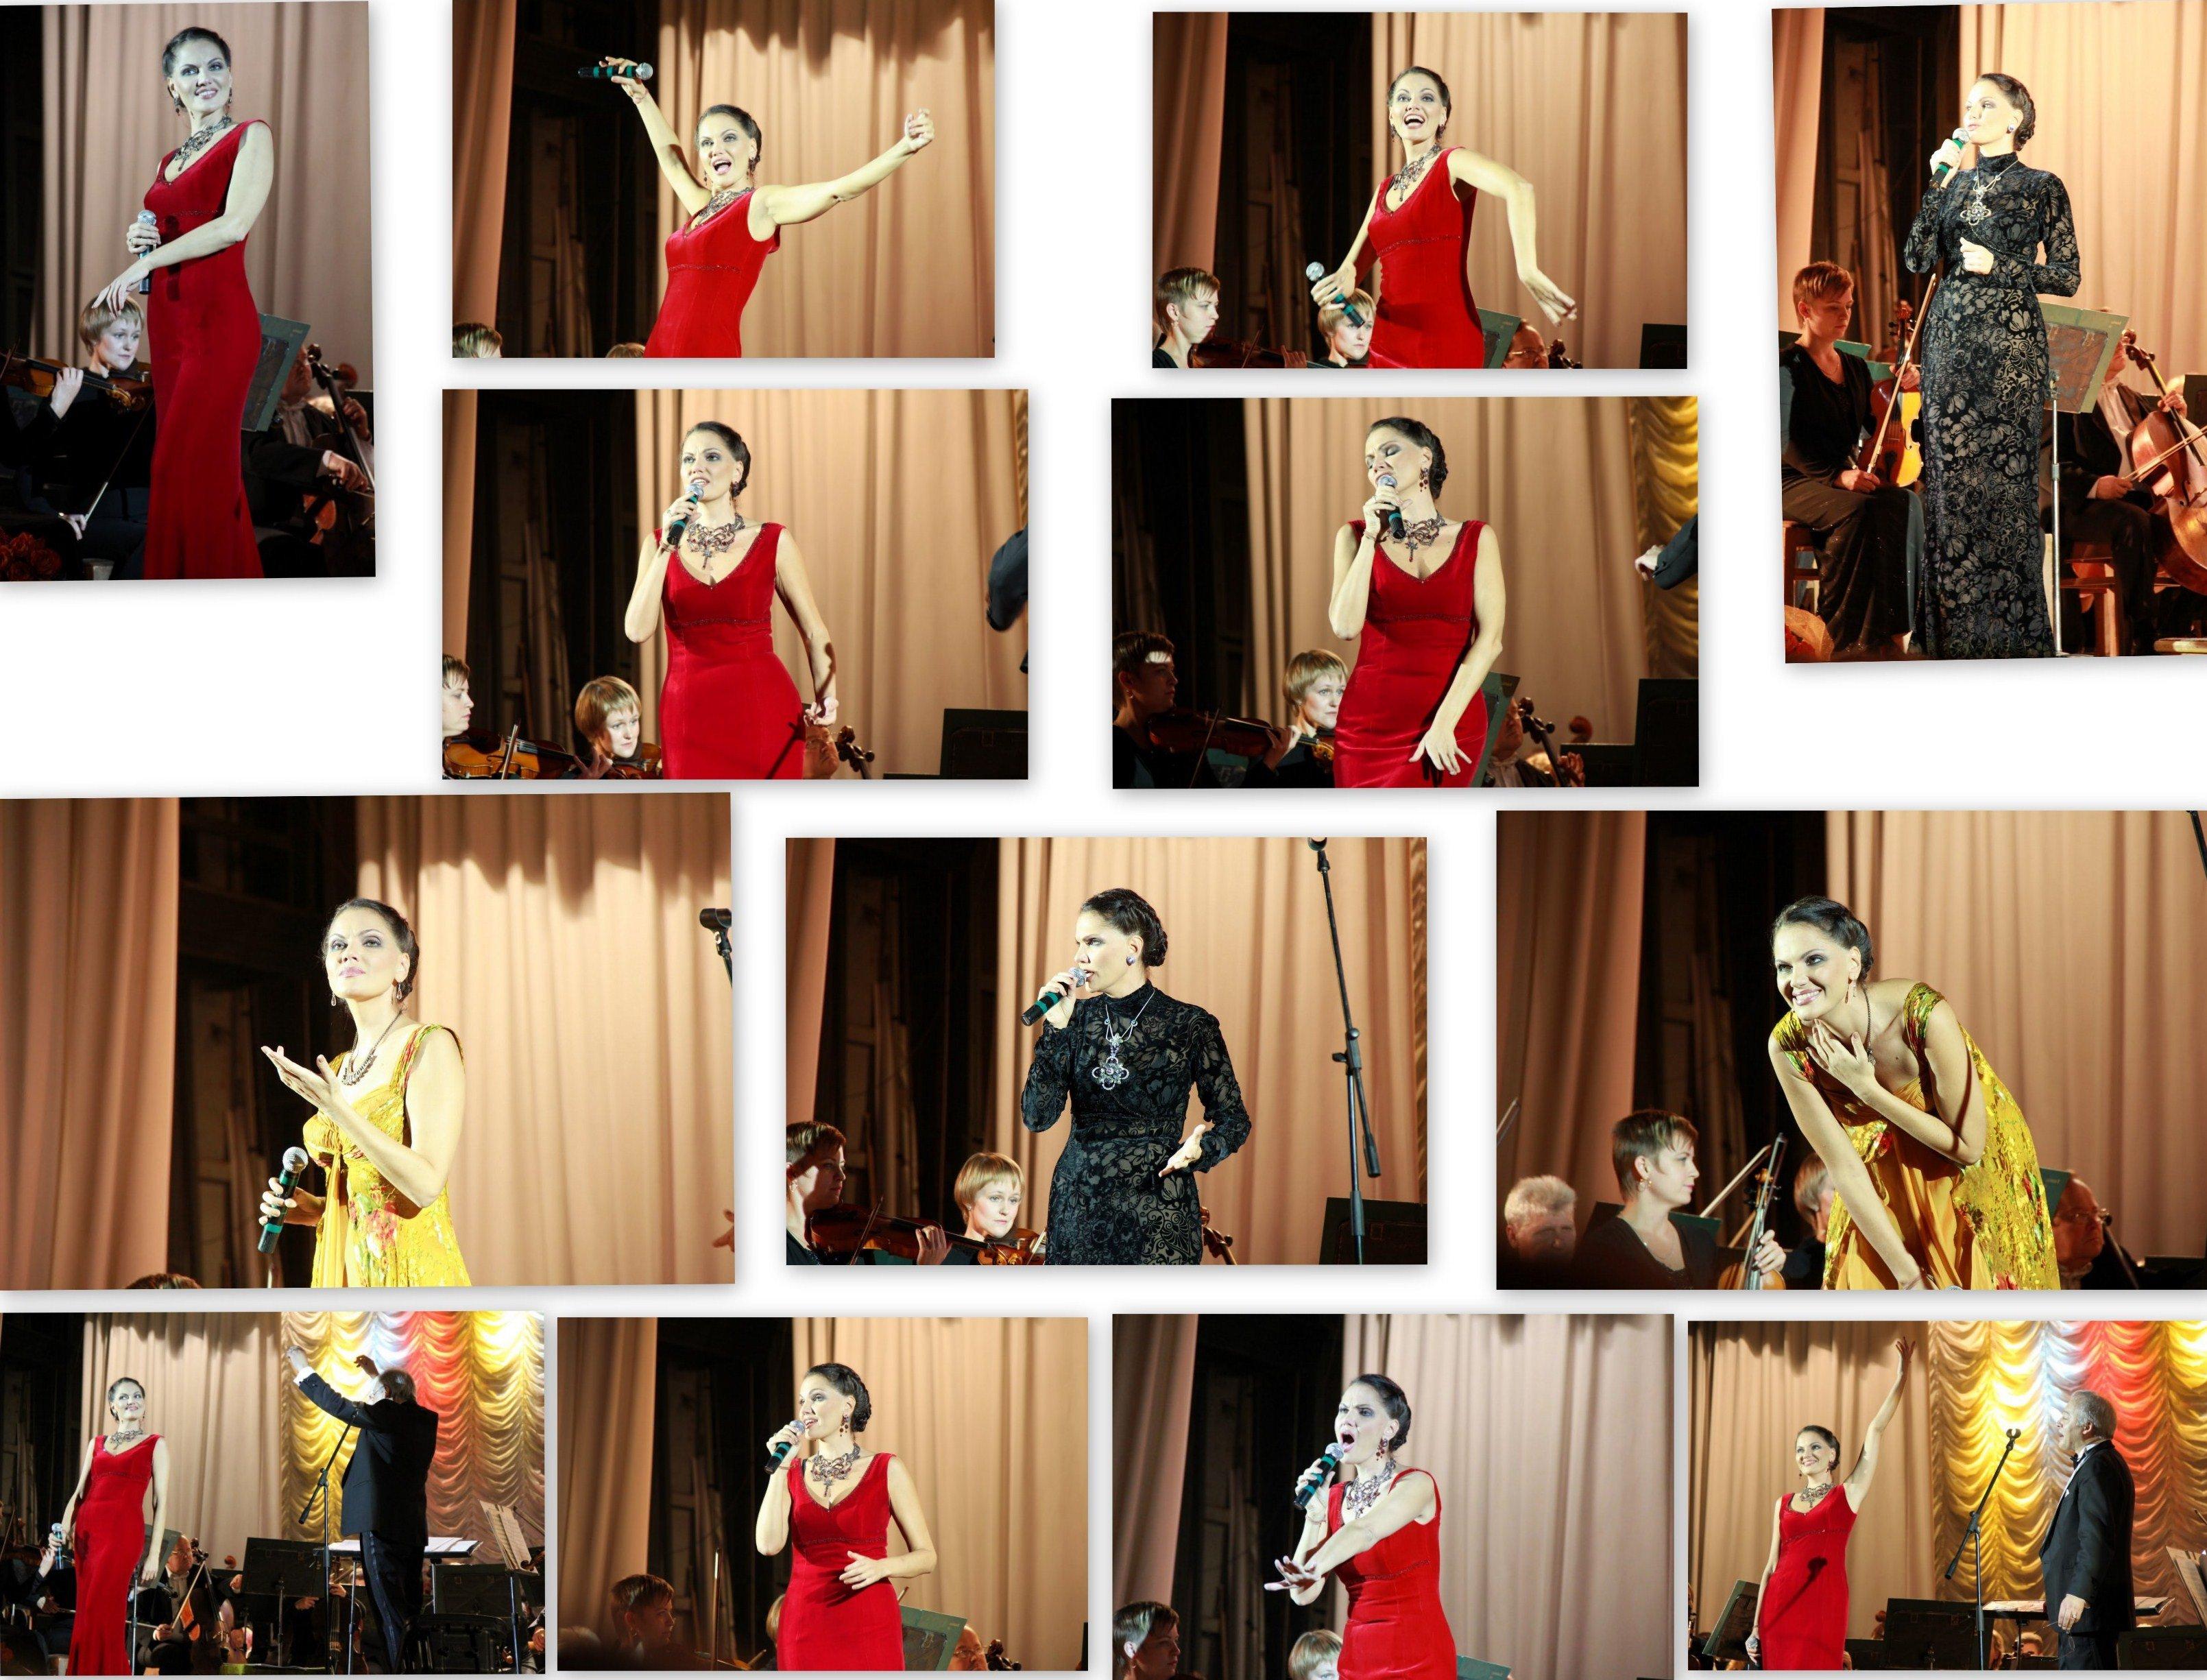 Нина Шацкая, Нина Шацкая фото, Нина Шацкая певица, Нина Шацкая романс джаз